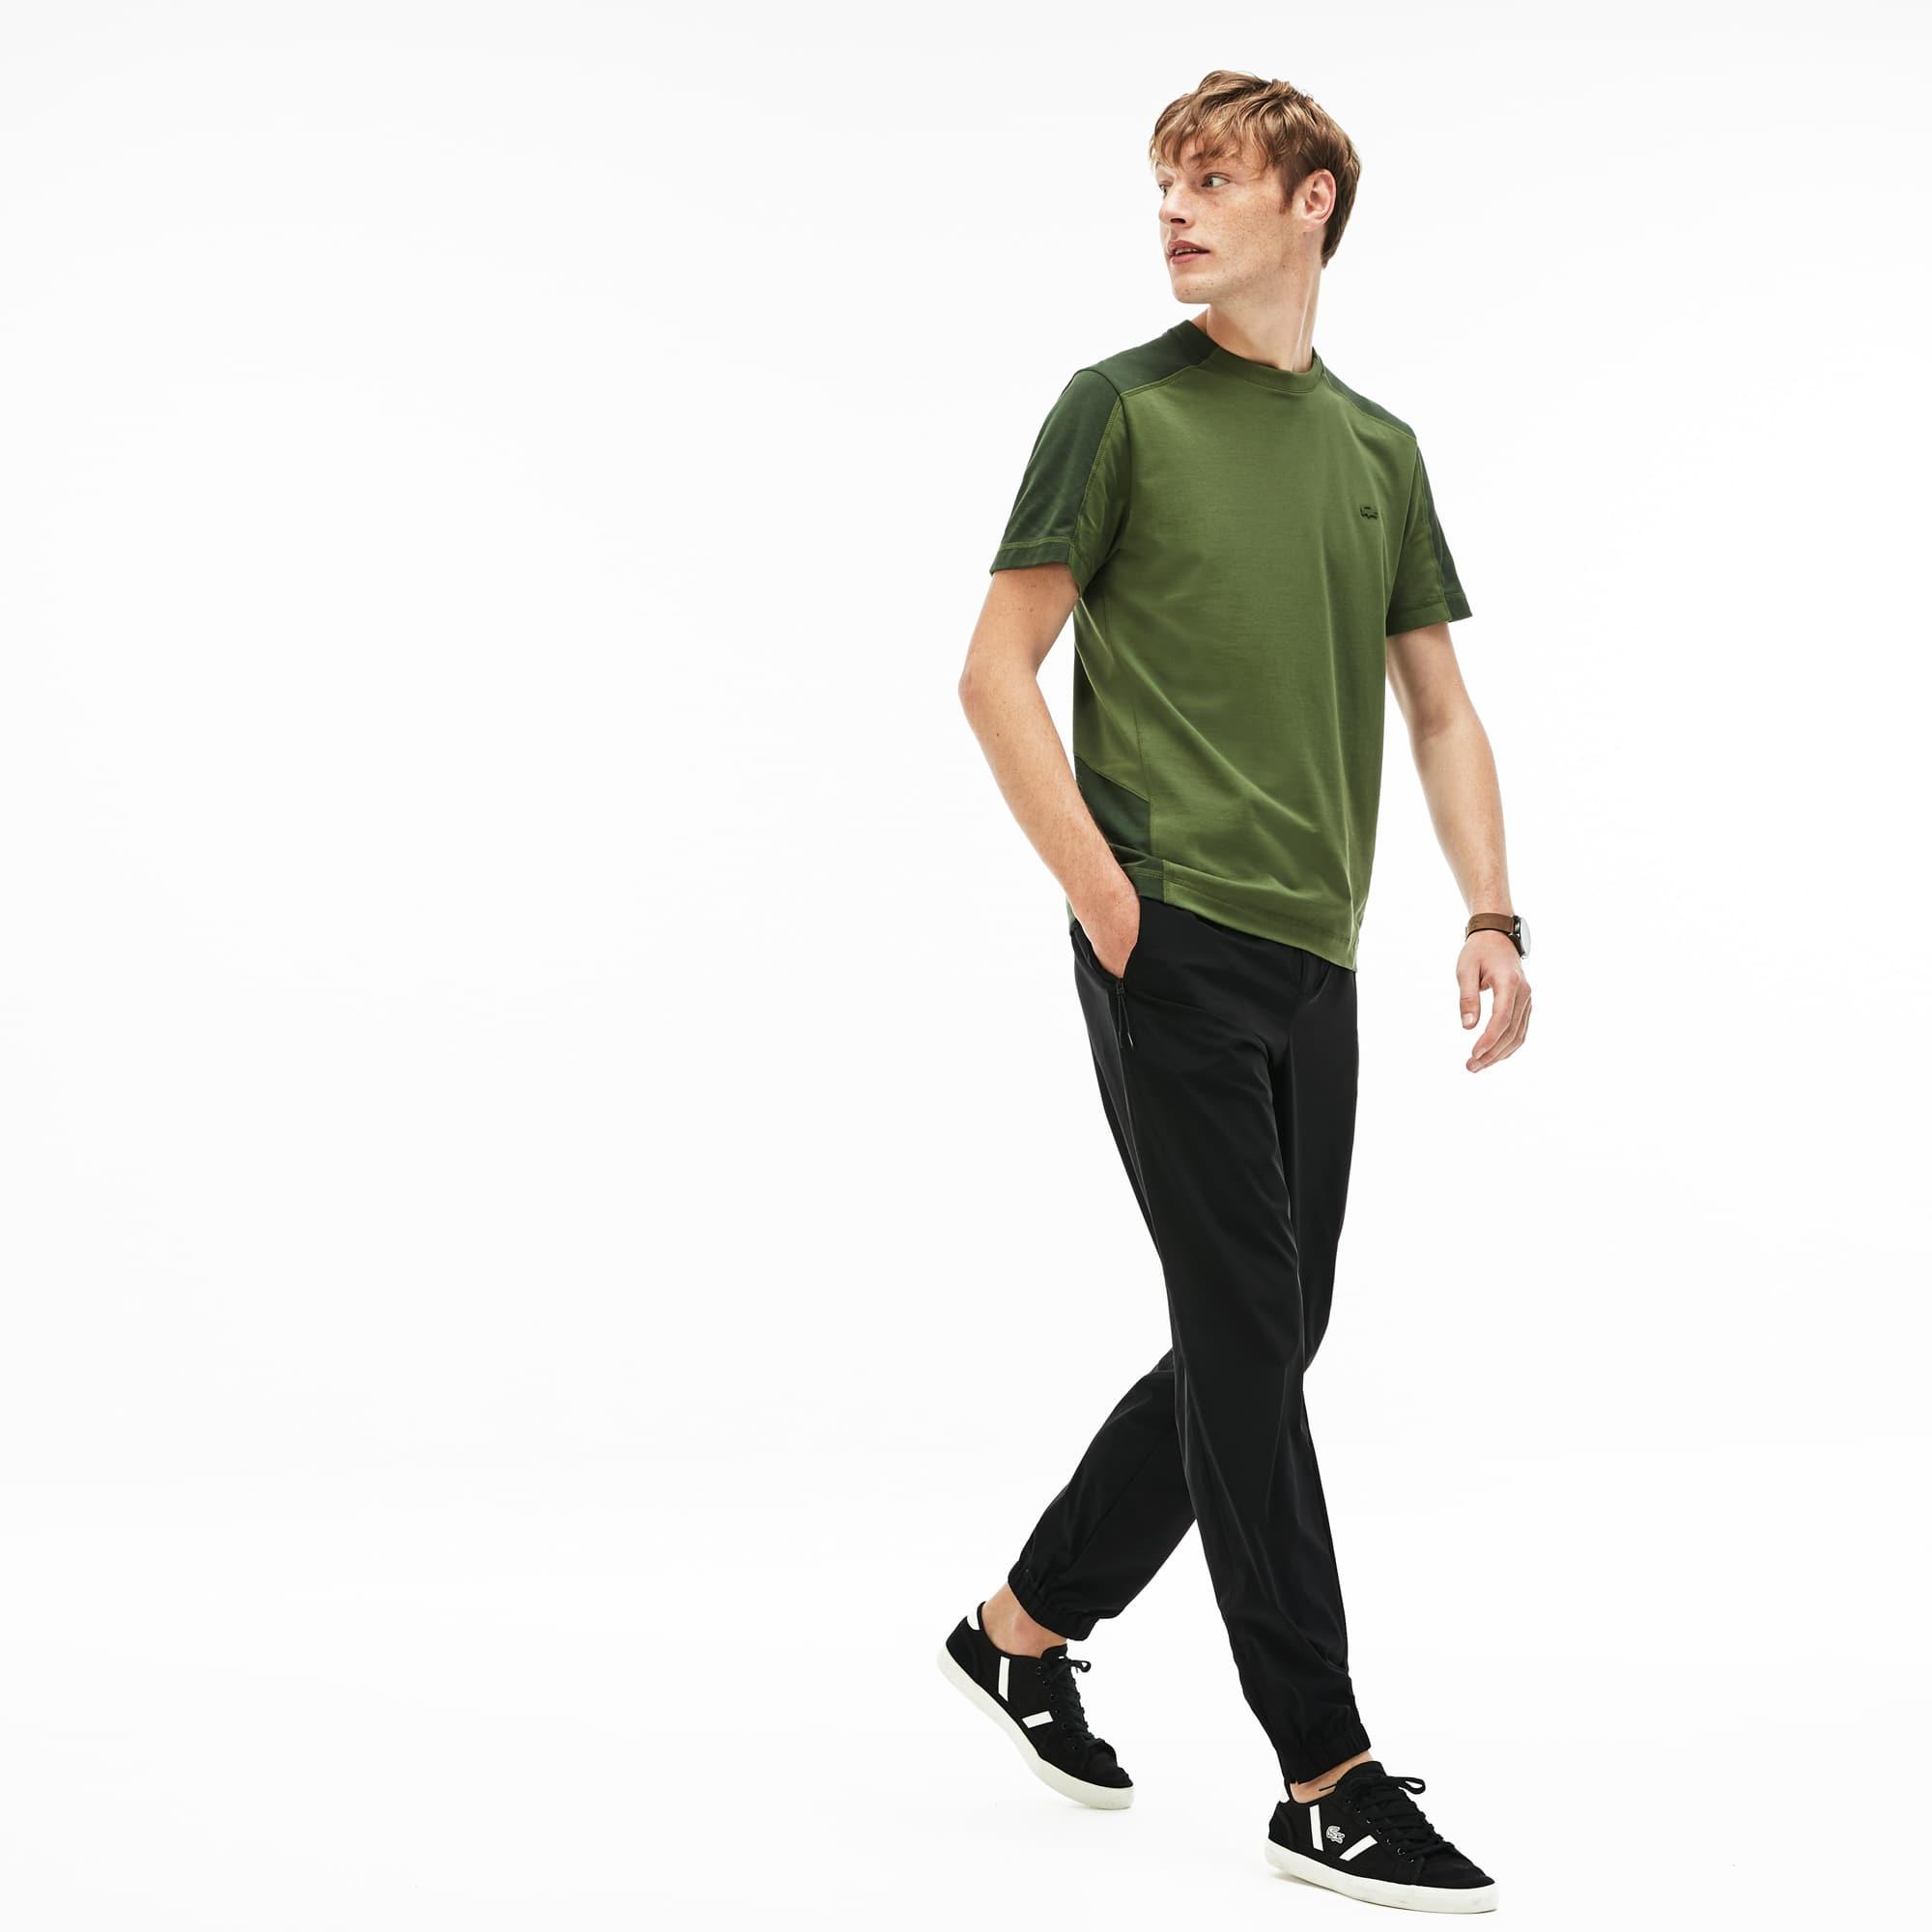 d6dba72a90 Pantalon chino relax fit Lacoste Motion ultra léger et déperlant